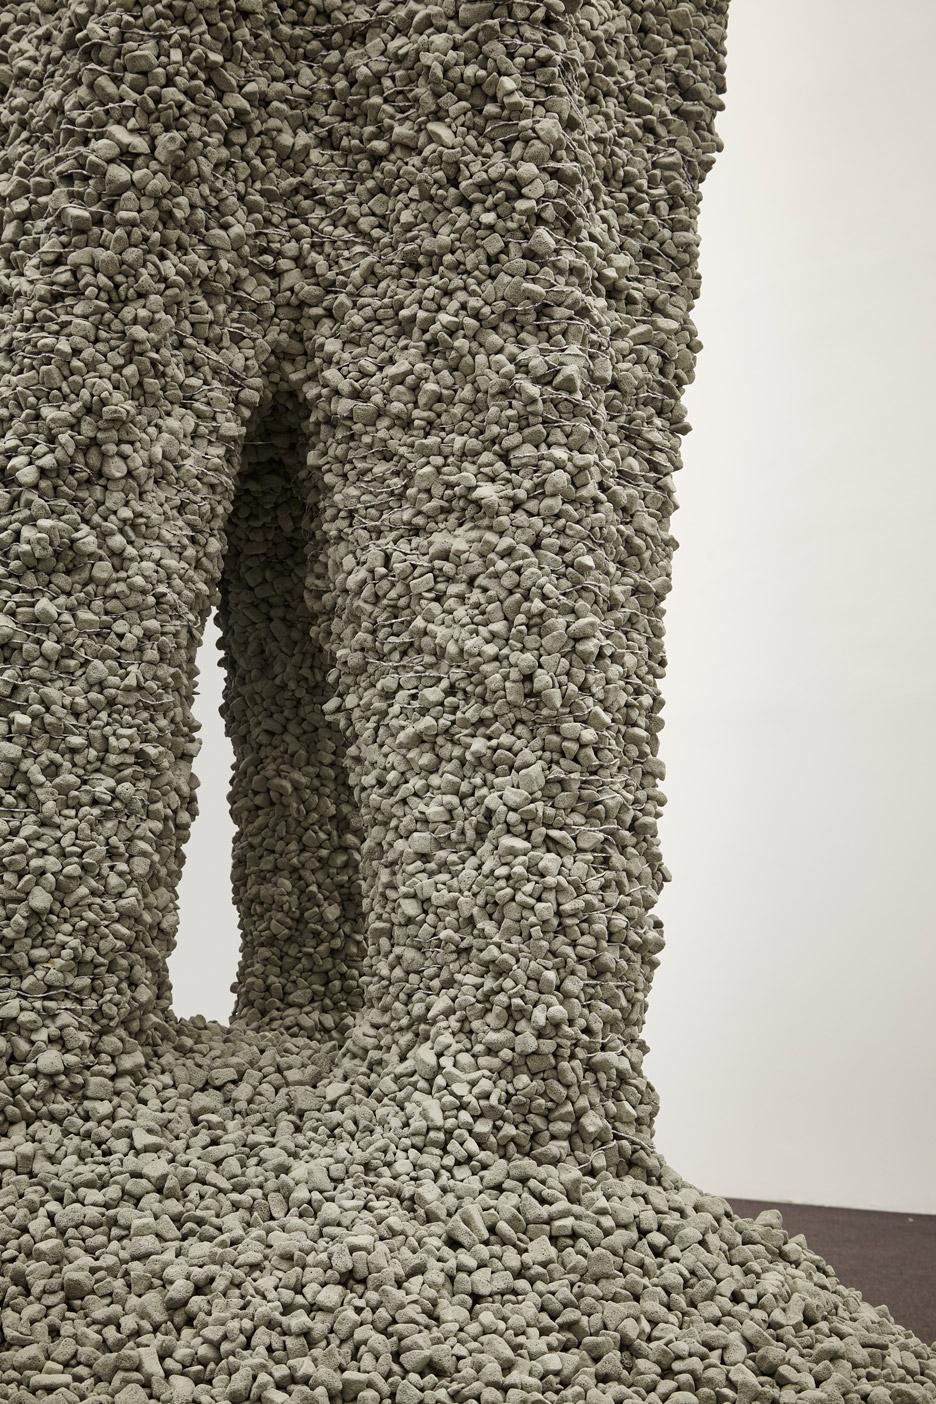 Rock Print by Gramazio Kohler Research